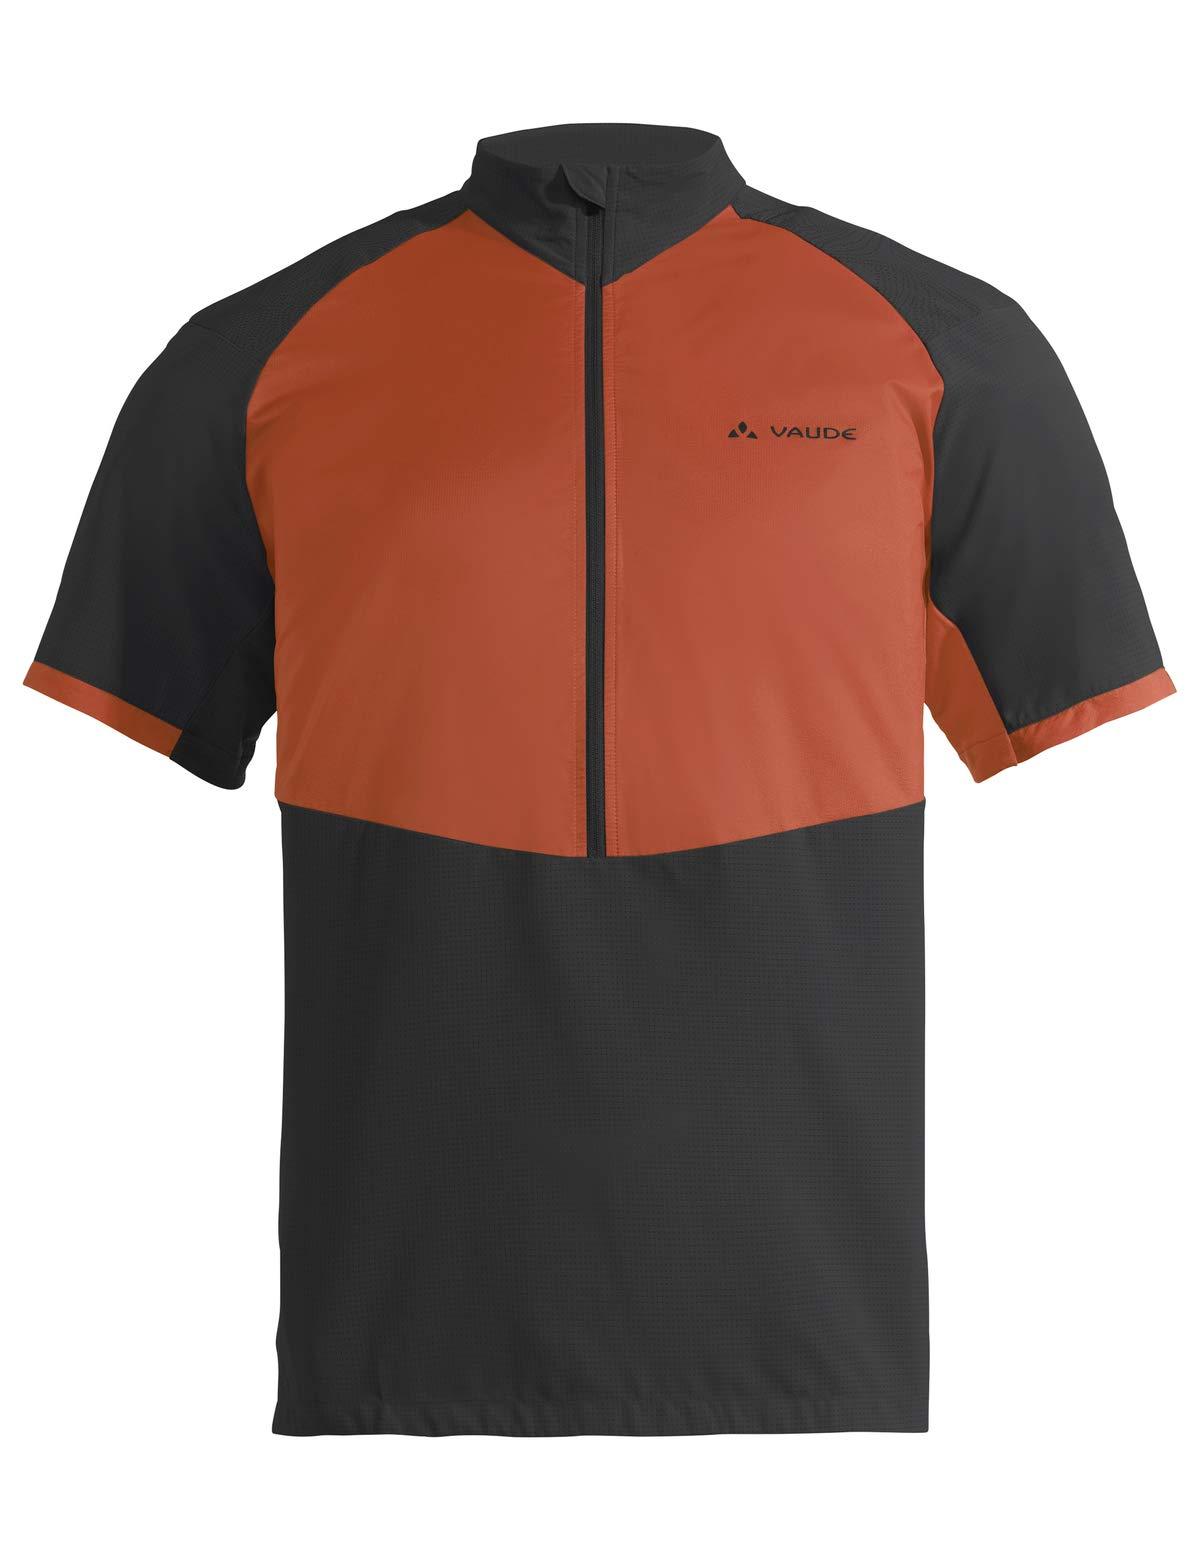 VAUDE Herren eMoab Shirt, paprika, 48, 414329605200